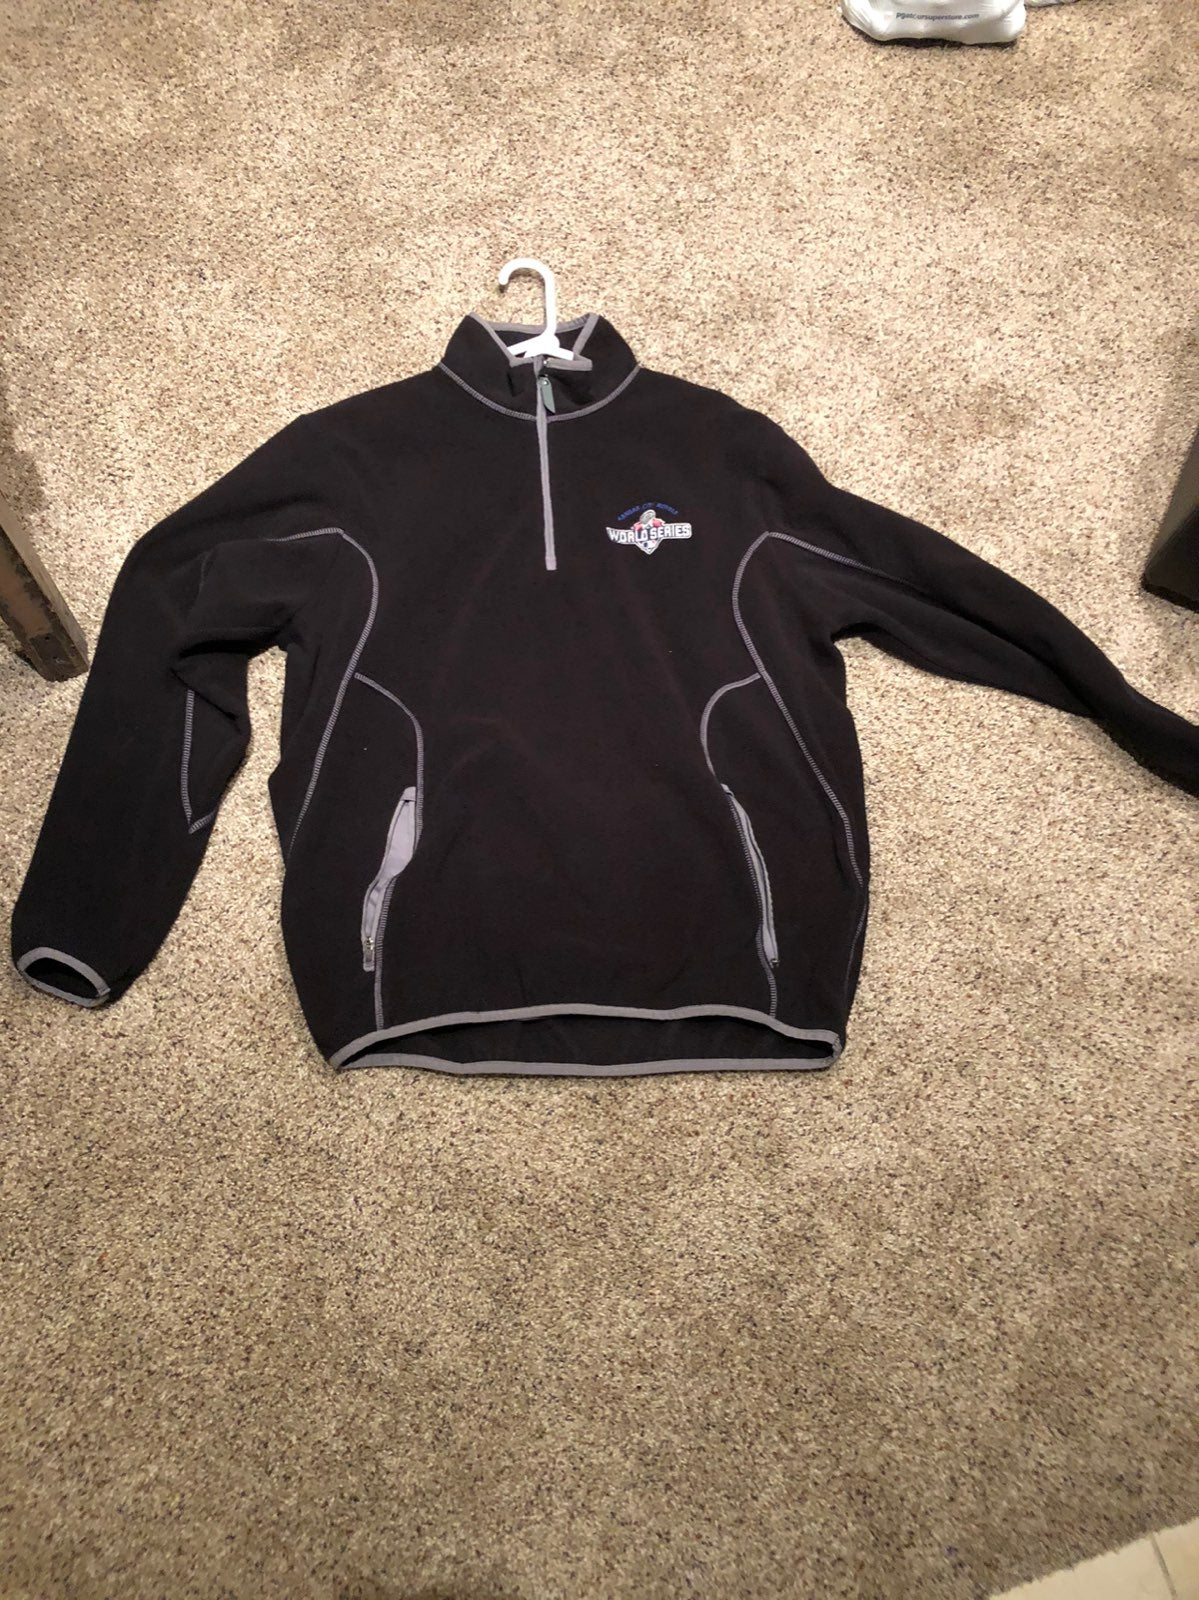 Antigua Kansas City Royals WSC jacket!